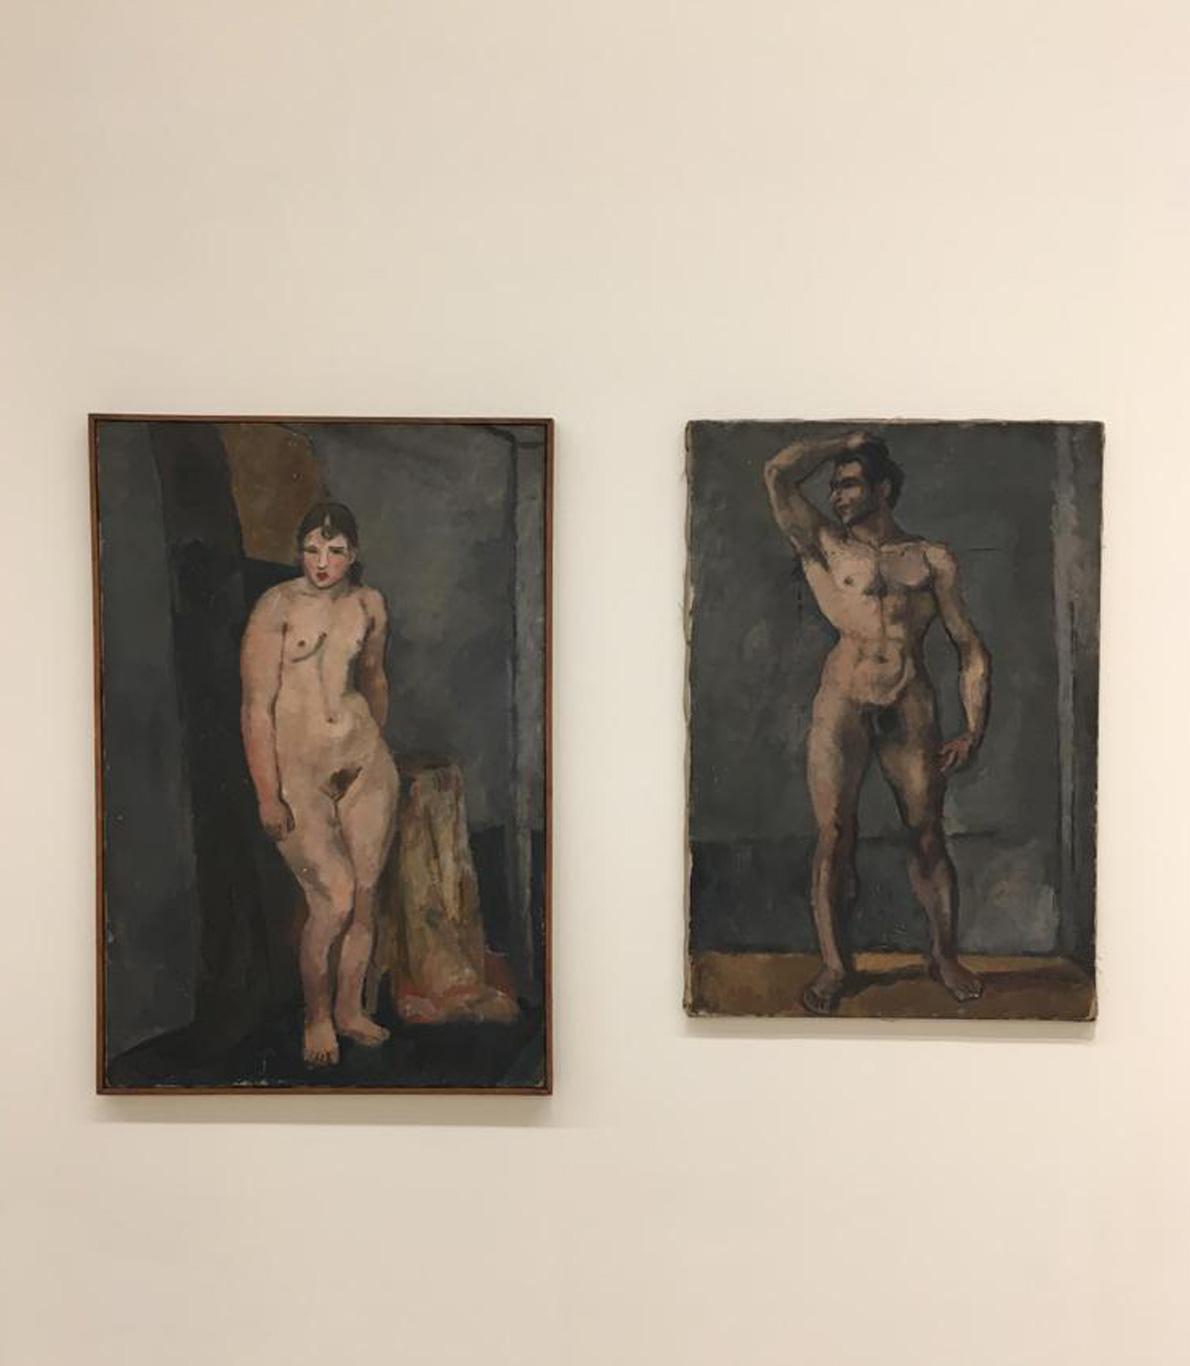 Dois quadros. Um com uma mulher, outro, mais pequeno, com um homem. Aambos estão nus.